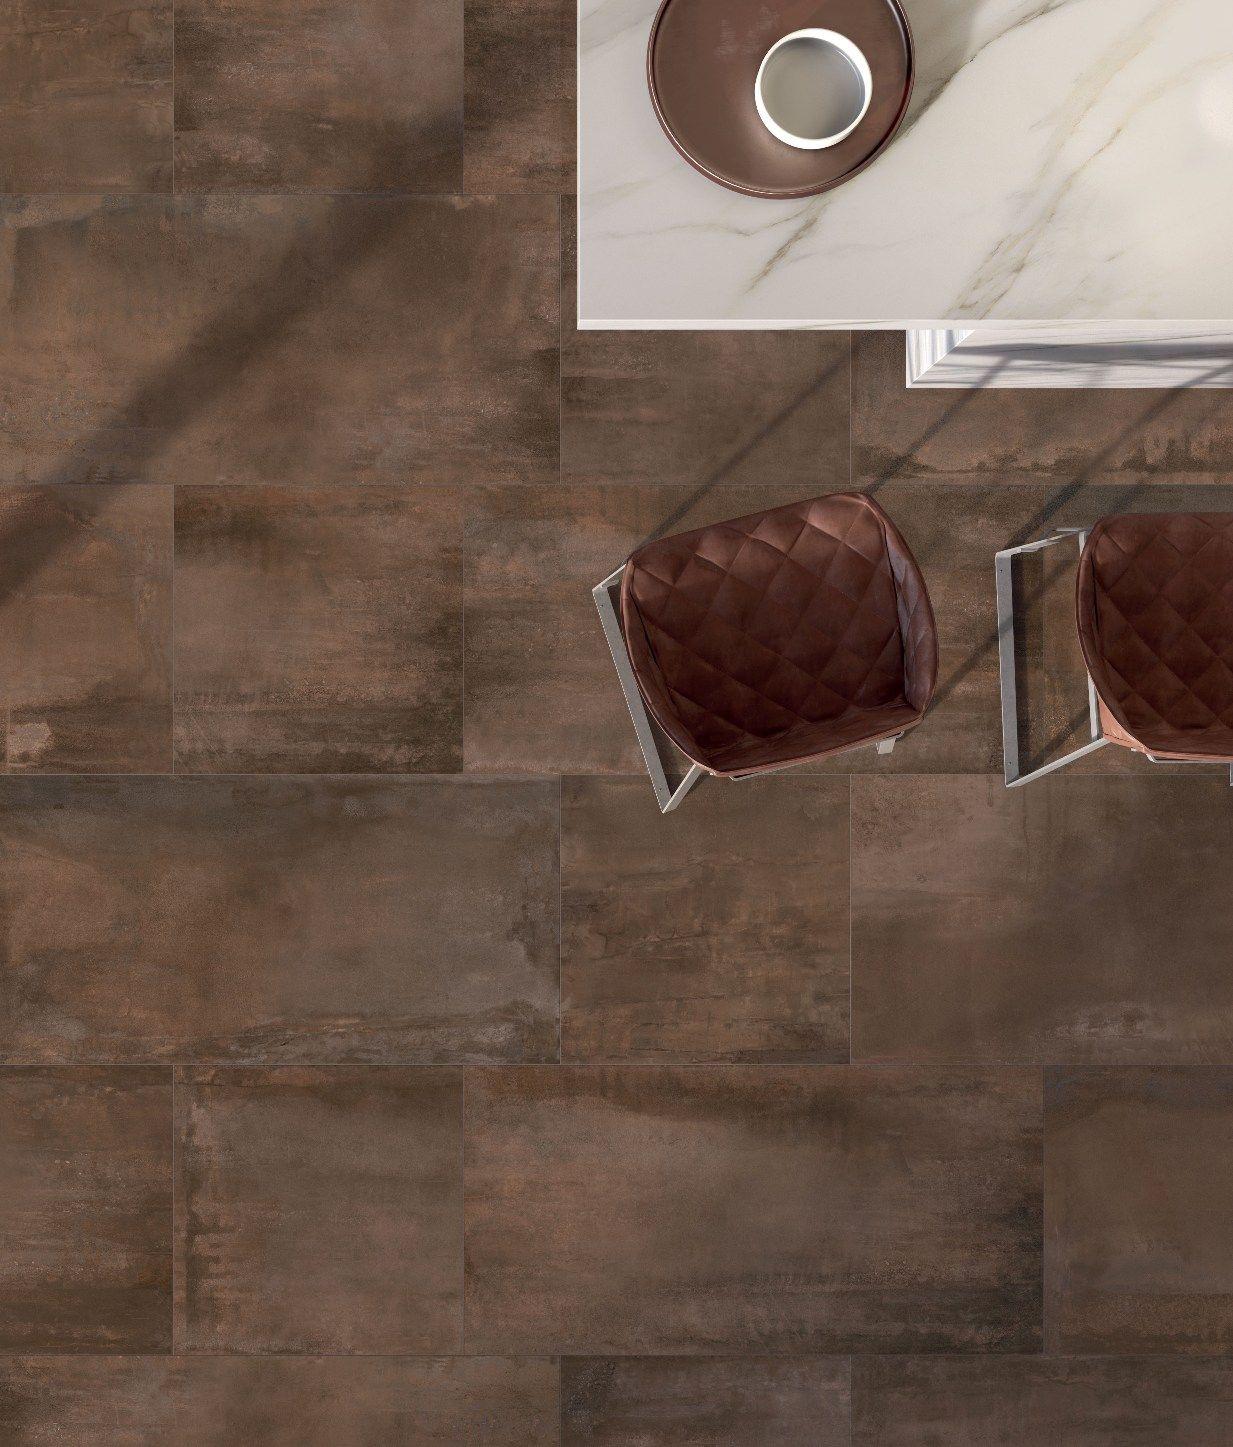 Pavimento realizzato con interno 9 abkemozioni colore rust pavimento realizzato con interno 9 abkemozioni colore rust abbinando i formati 60x120 e ceramic tile dailygadgetfo Choice Image